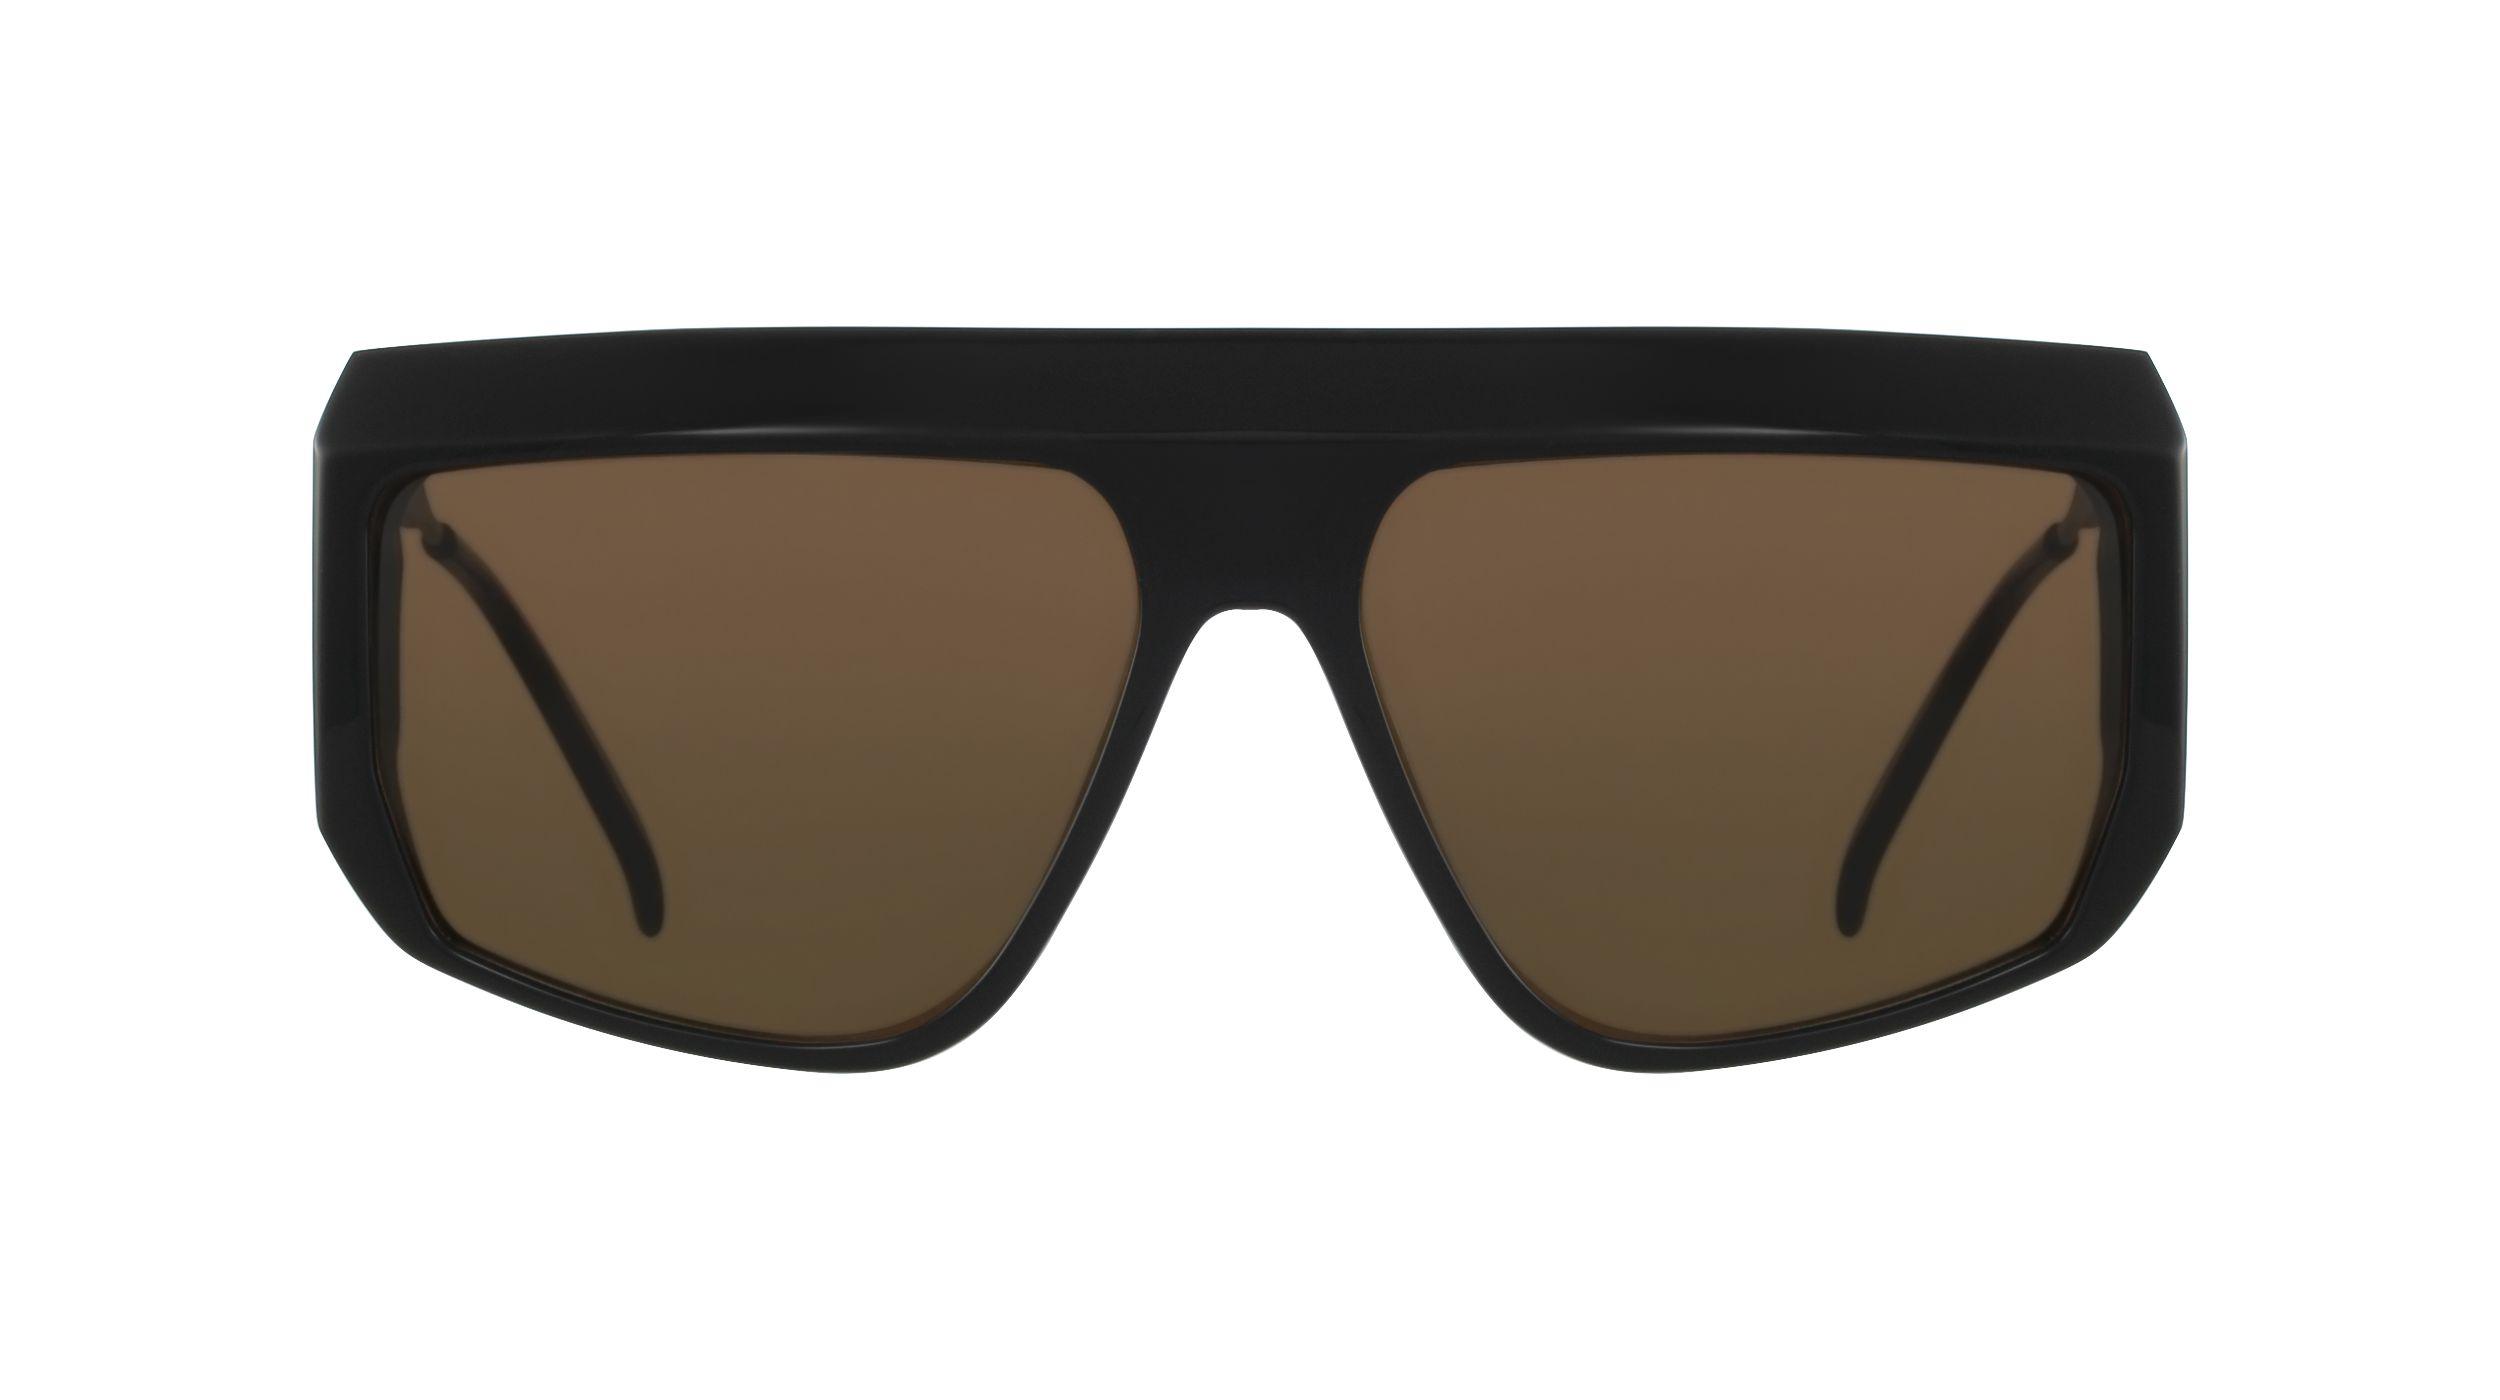 nouveau produit cffeb 687b6 Balmain : Les lunettes de soleil d'Olivier Rousteing